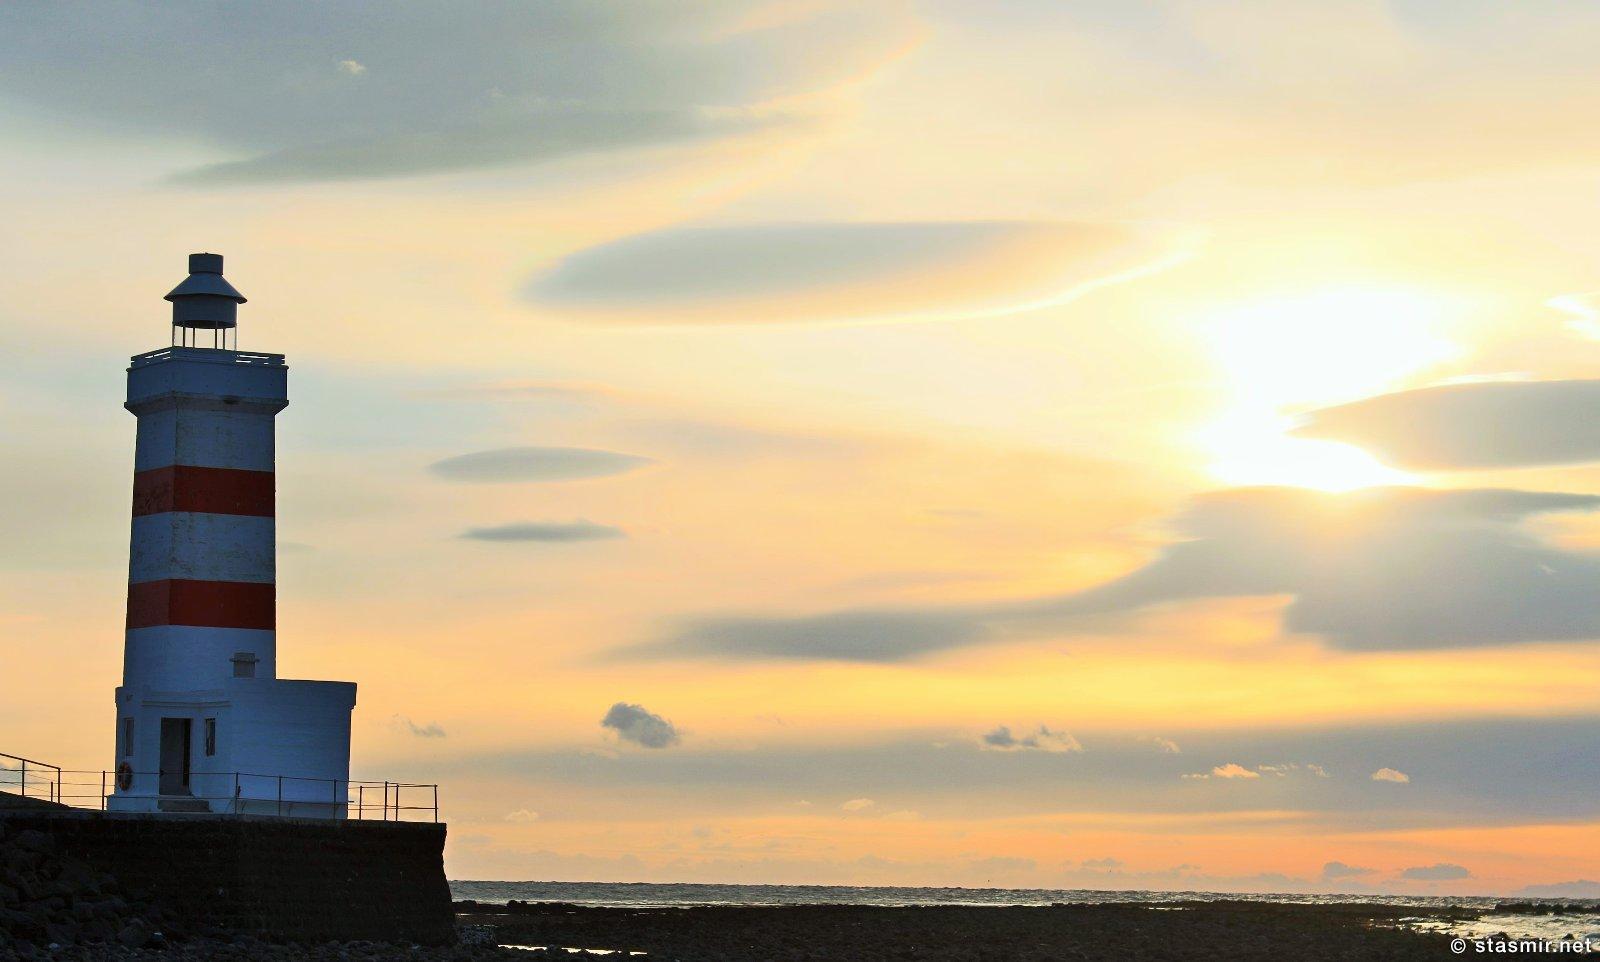 Garður, ноктюрн-закат на полуострове Рейкьянес у маяка Гардюр, Garður, Reykjanes, photo stasmir, Фото Стасмир